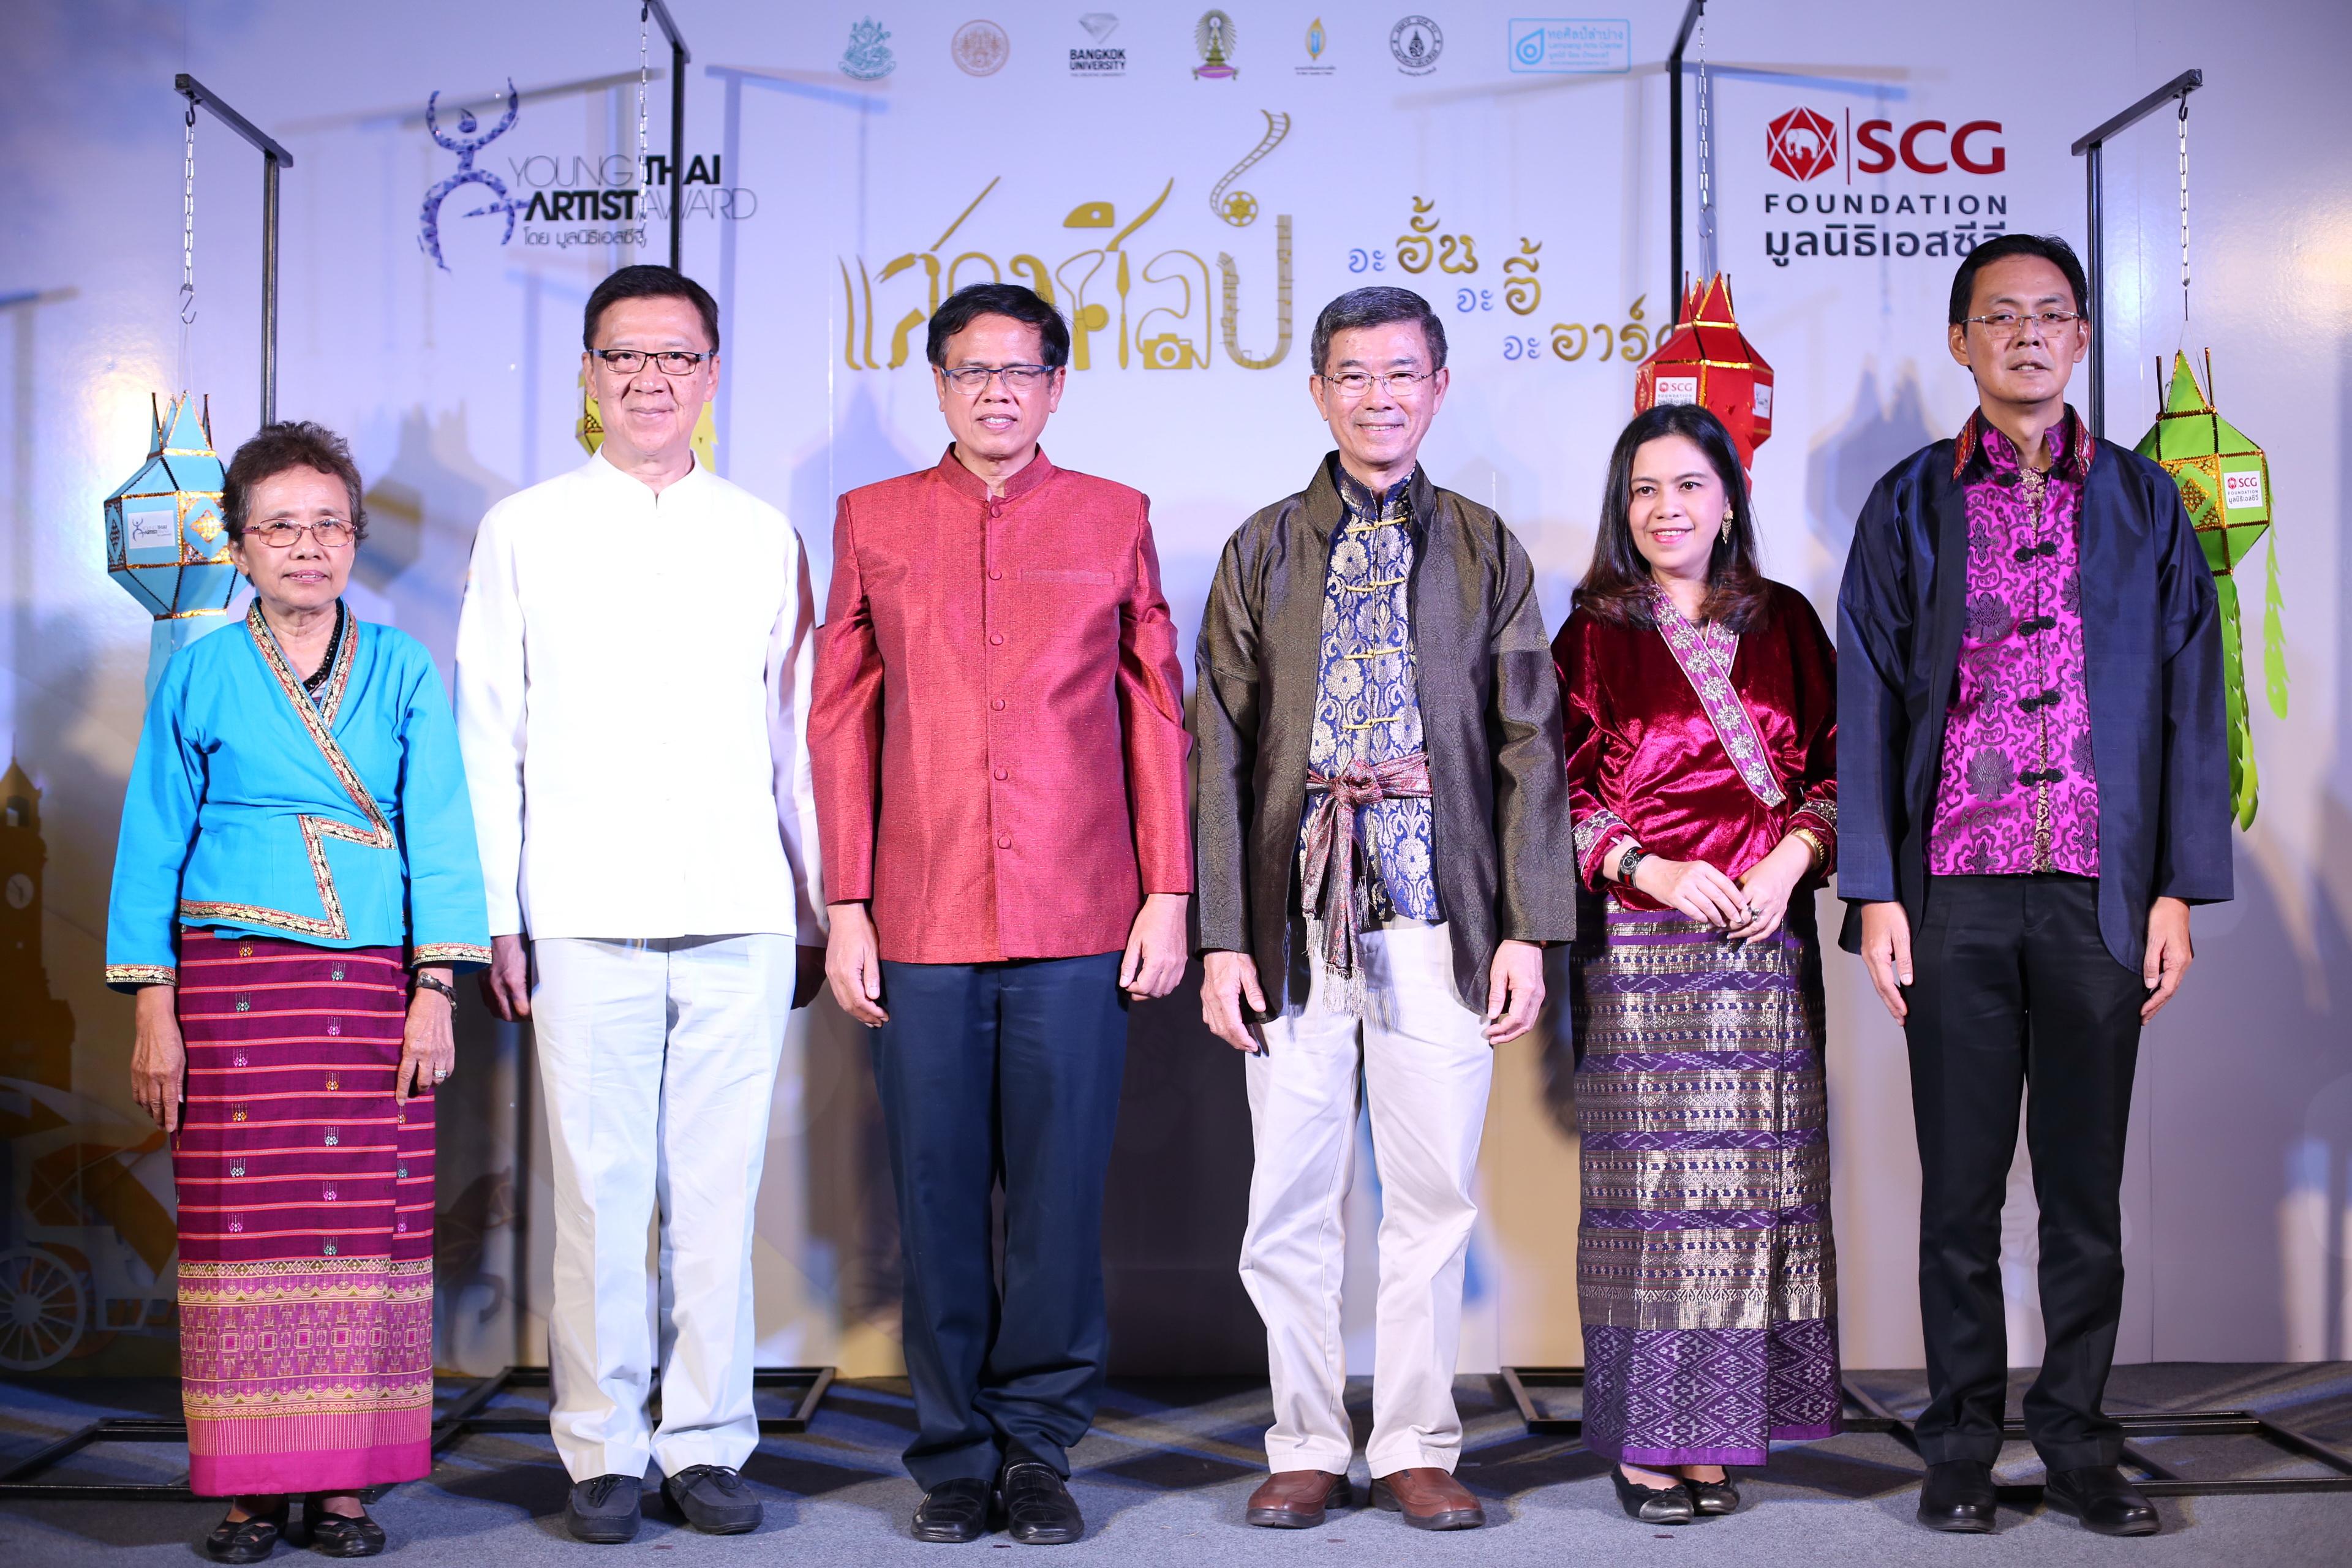 """มูลนิธิเอสซีจี เปิดนิทรรศการแสดงศิลป์สัญจร ครั้งแรก """"จะอั้น จะอี้ จะอาร์ต""""  จากโครงการรางวัลยุวศิลปินไทยสู่นครลำปาง"""